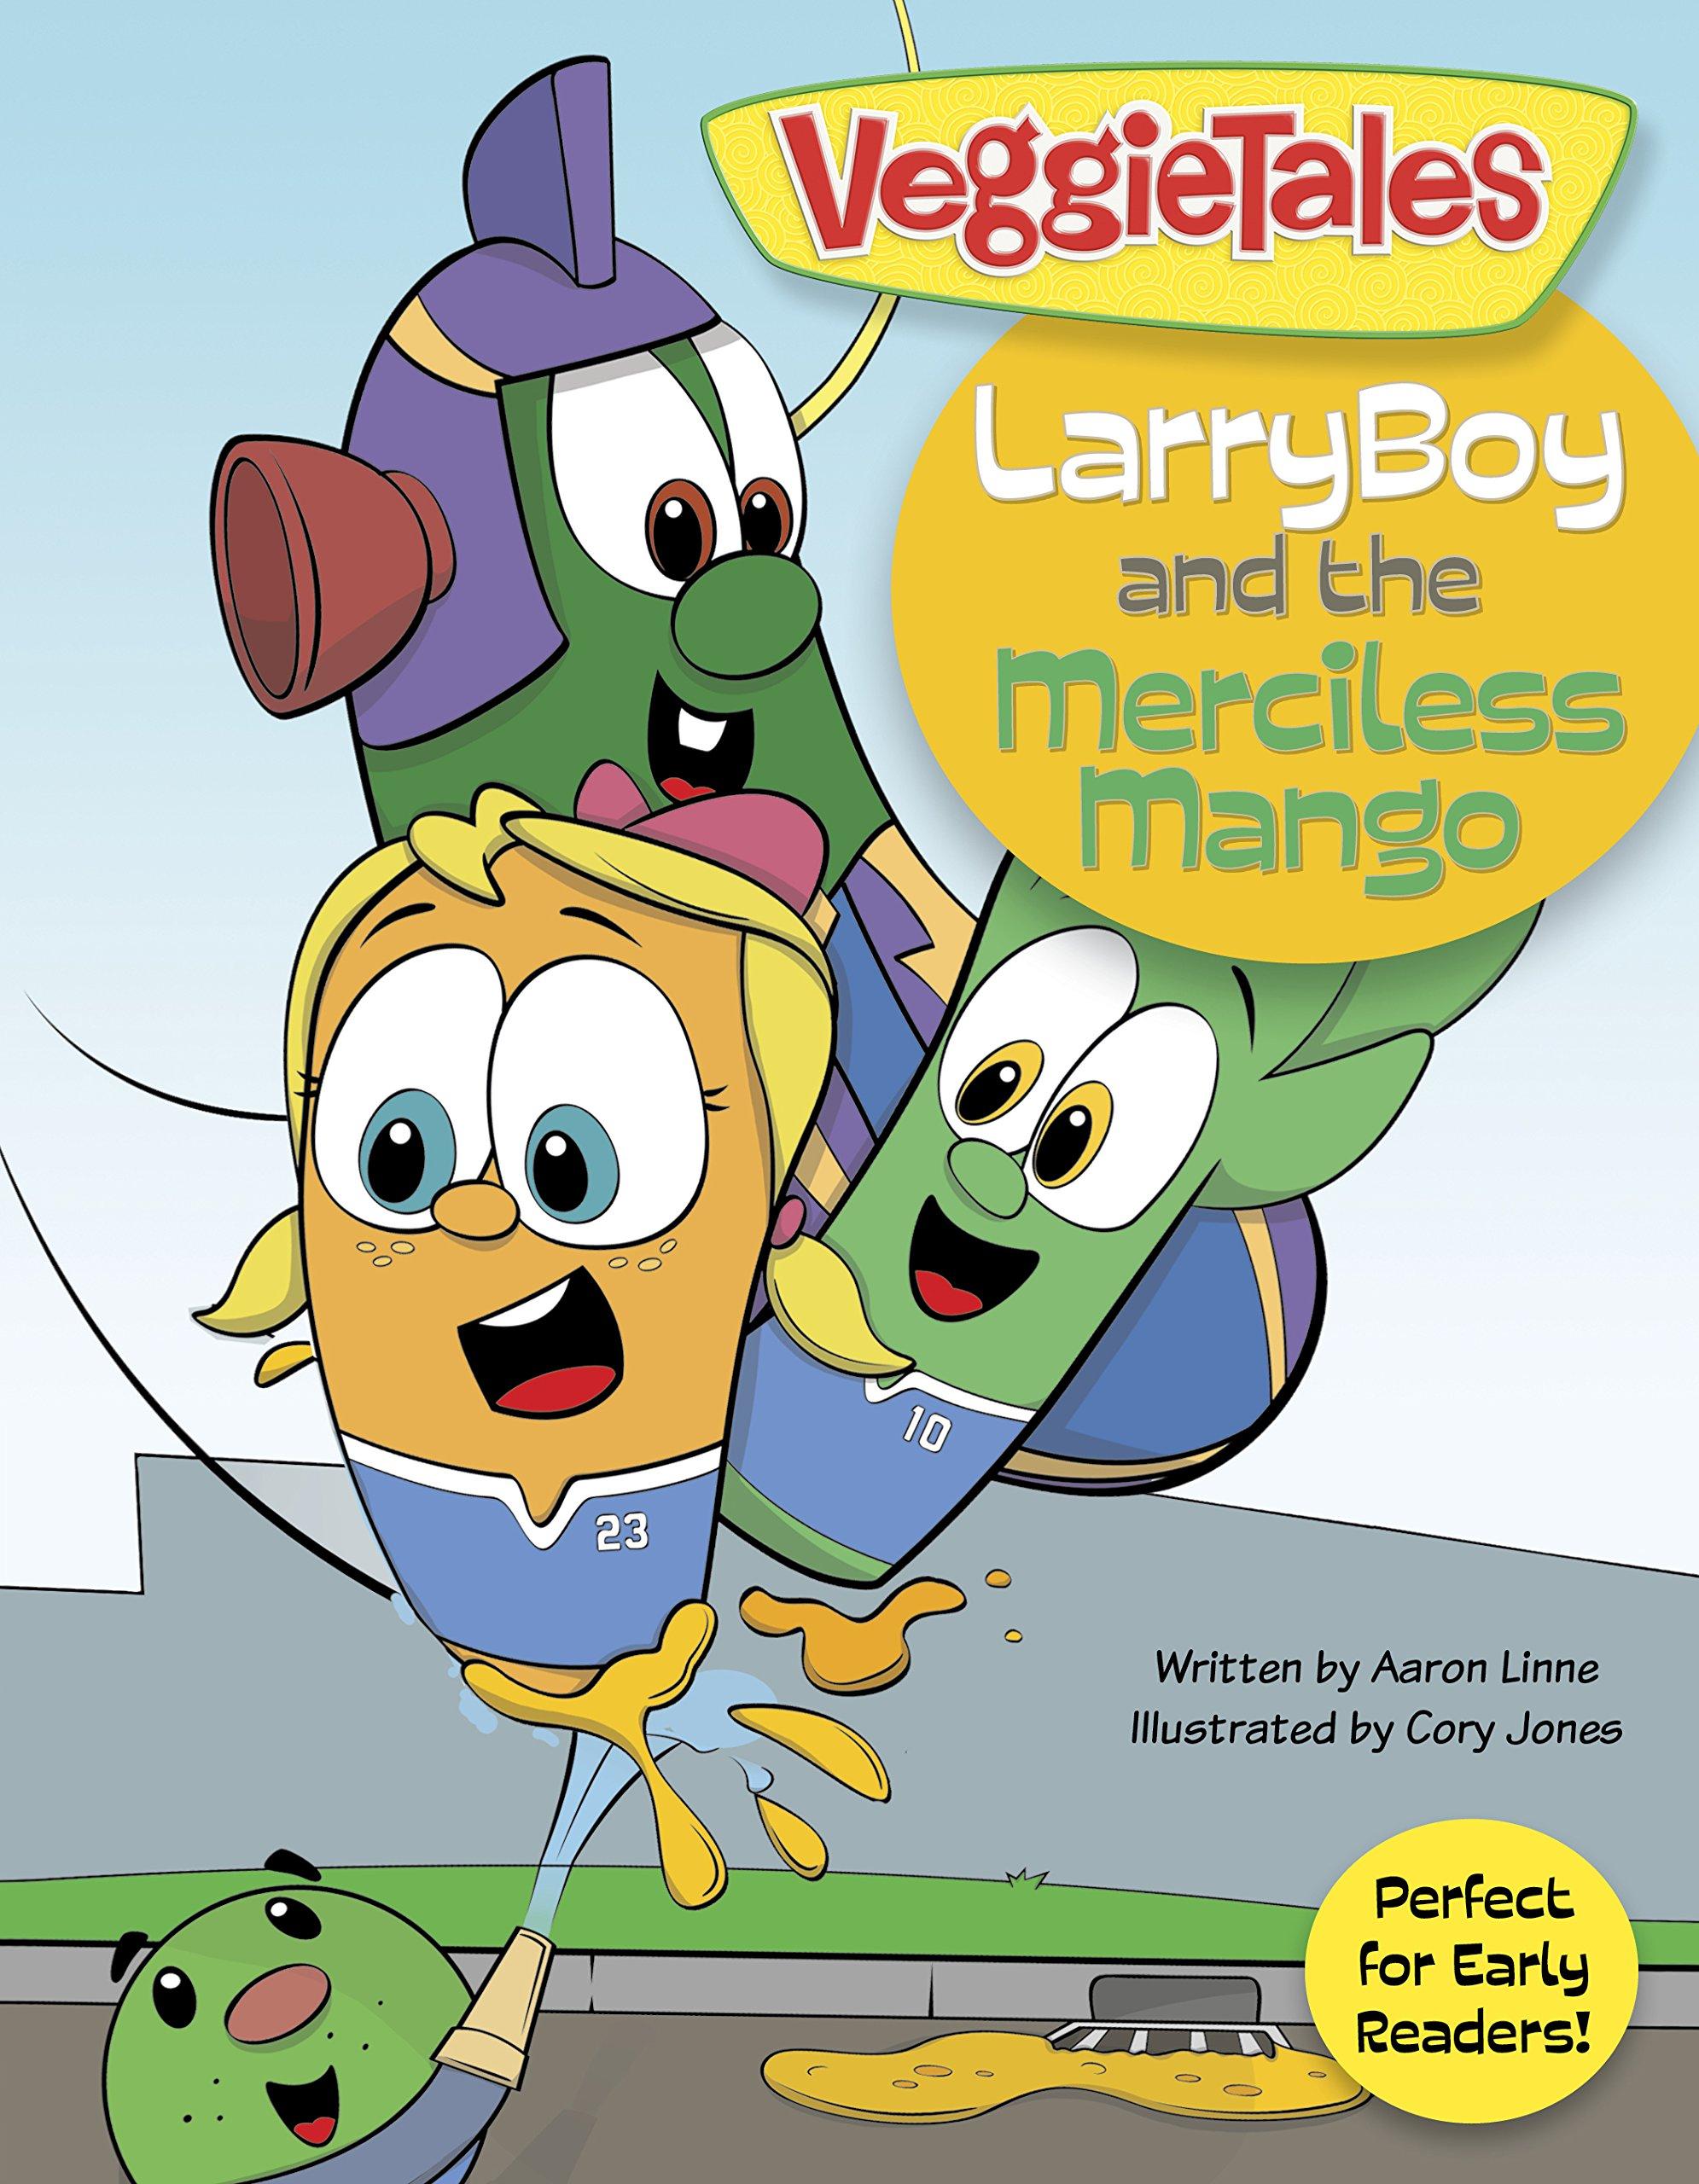 LarryBoy and the Merciless Mango